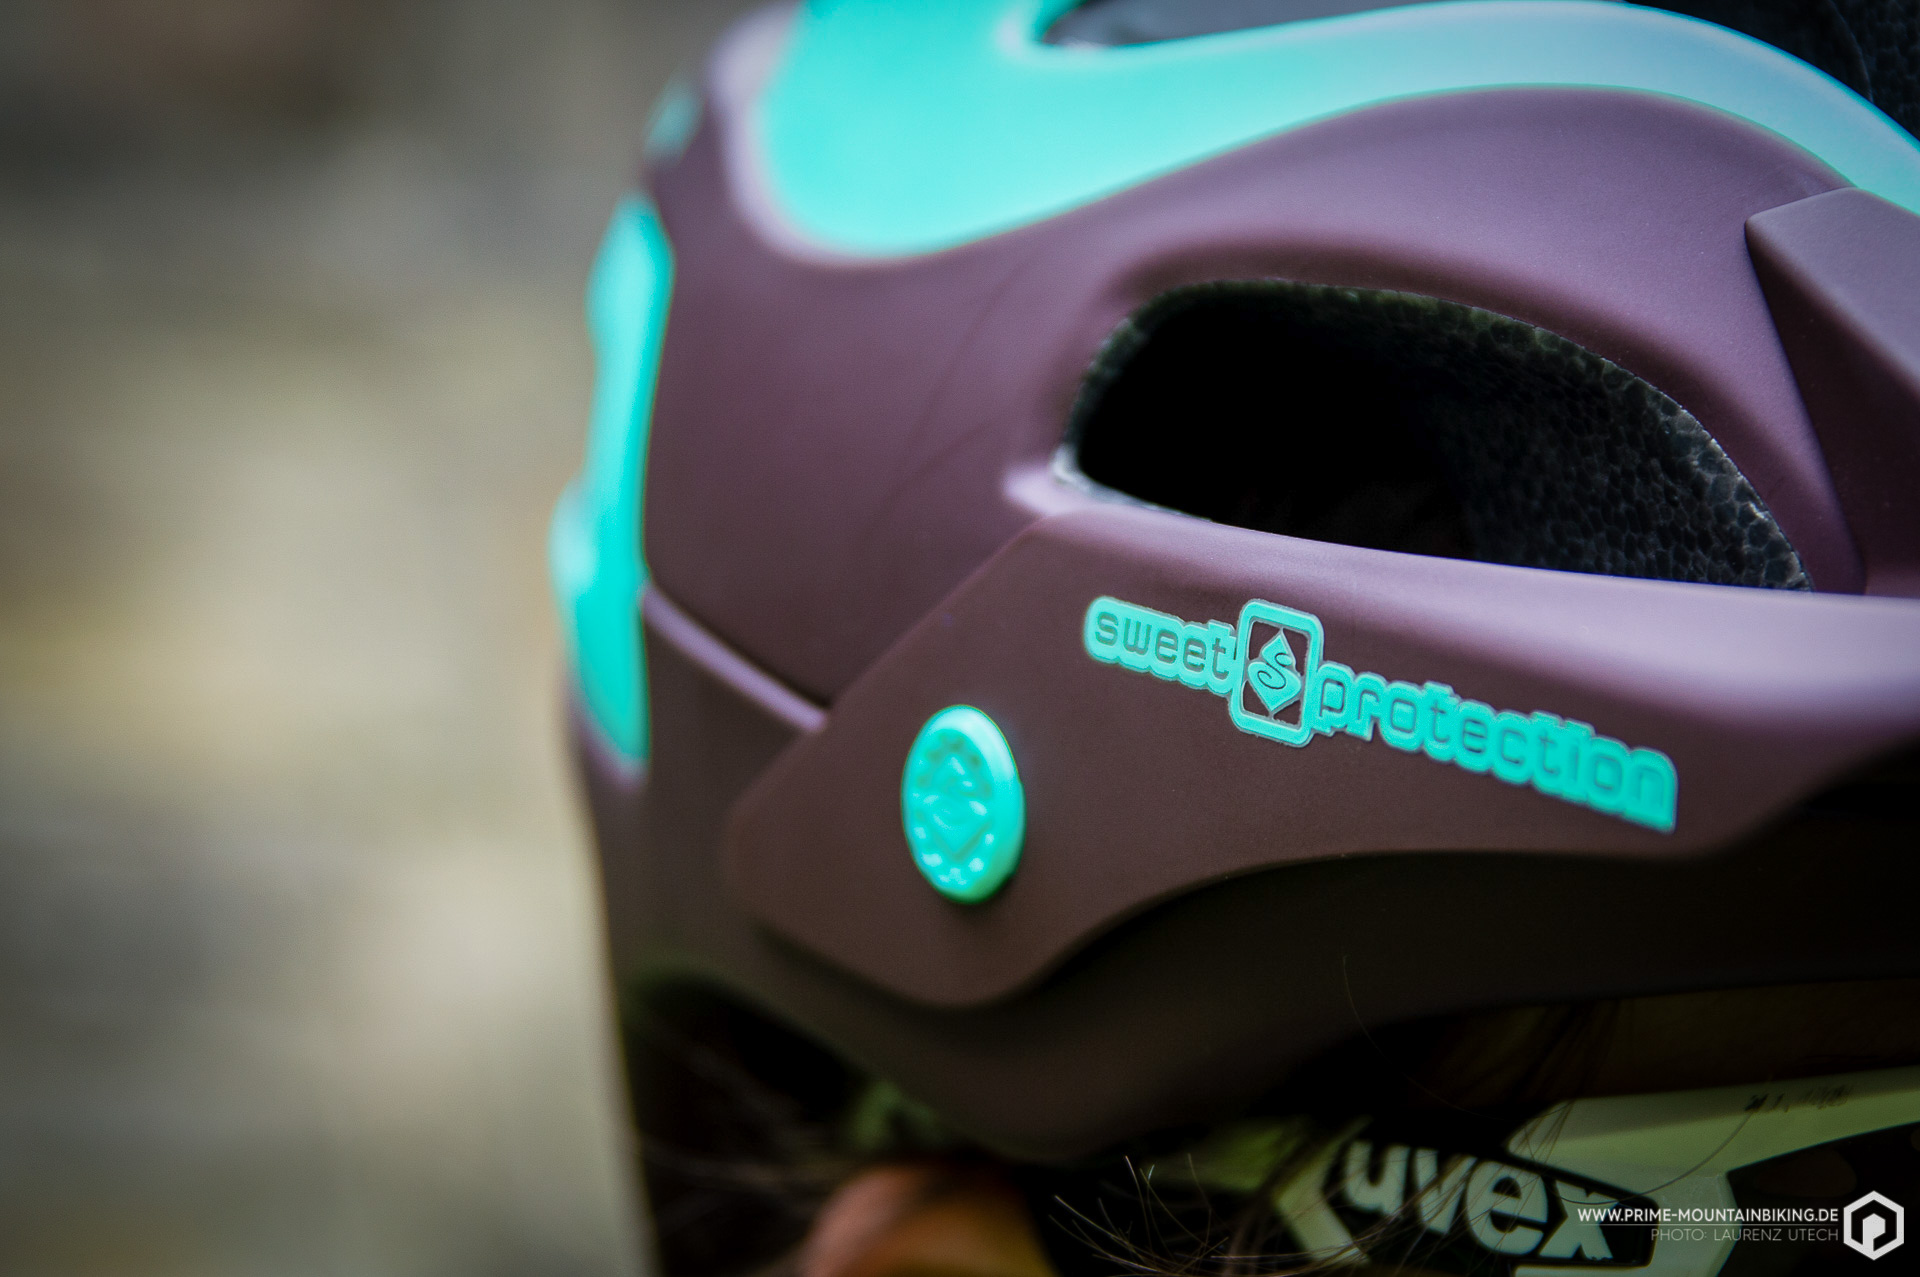 Sweet Protection Bushwacker Prime Mountainbiking